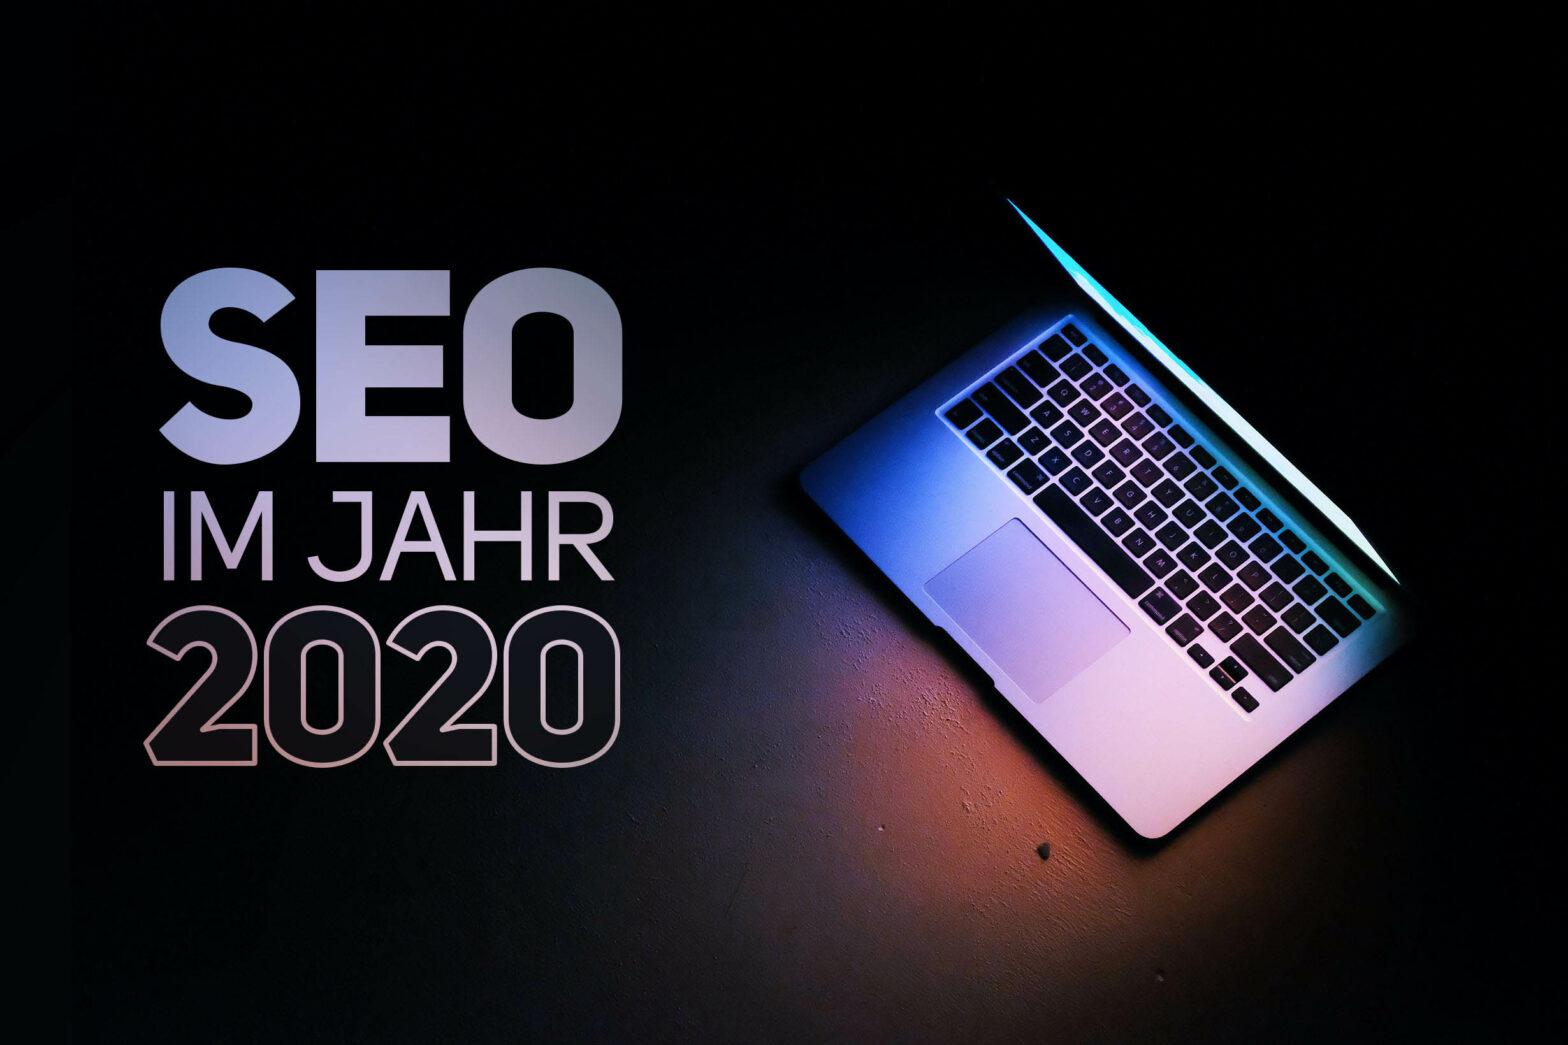 SEO im Jahr 2020